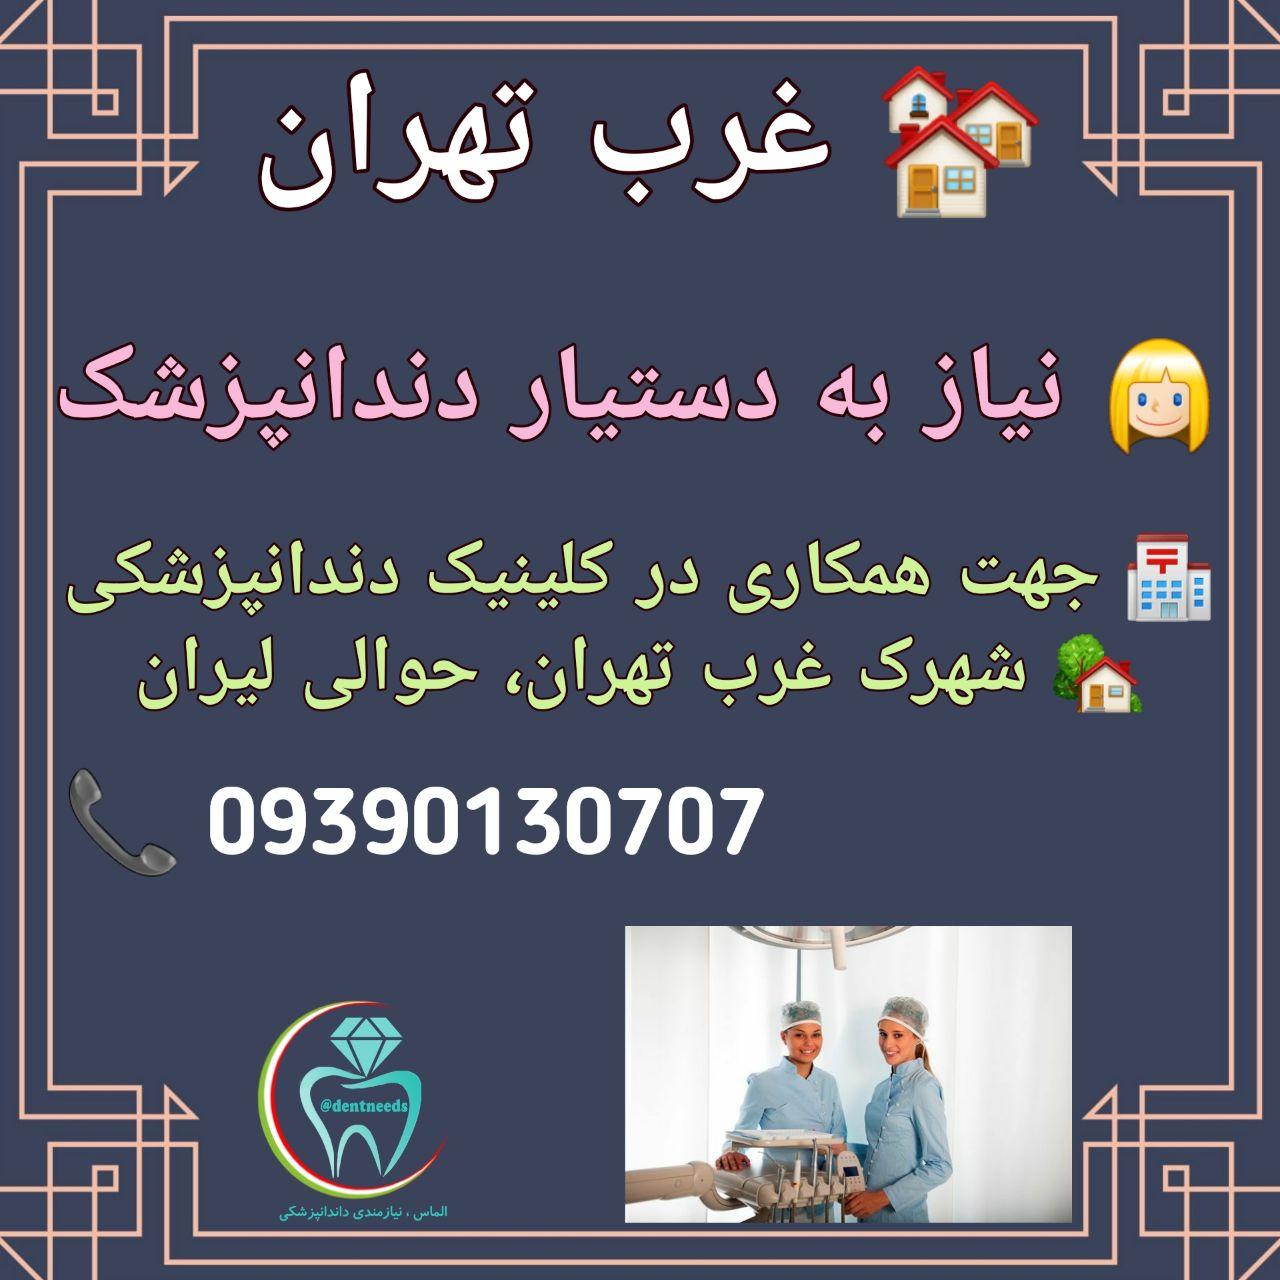 غرب تهران: نیاز به دستیار دندانپزشک